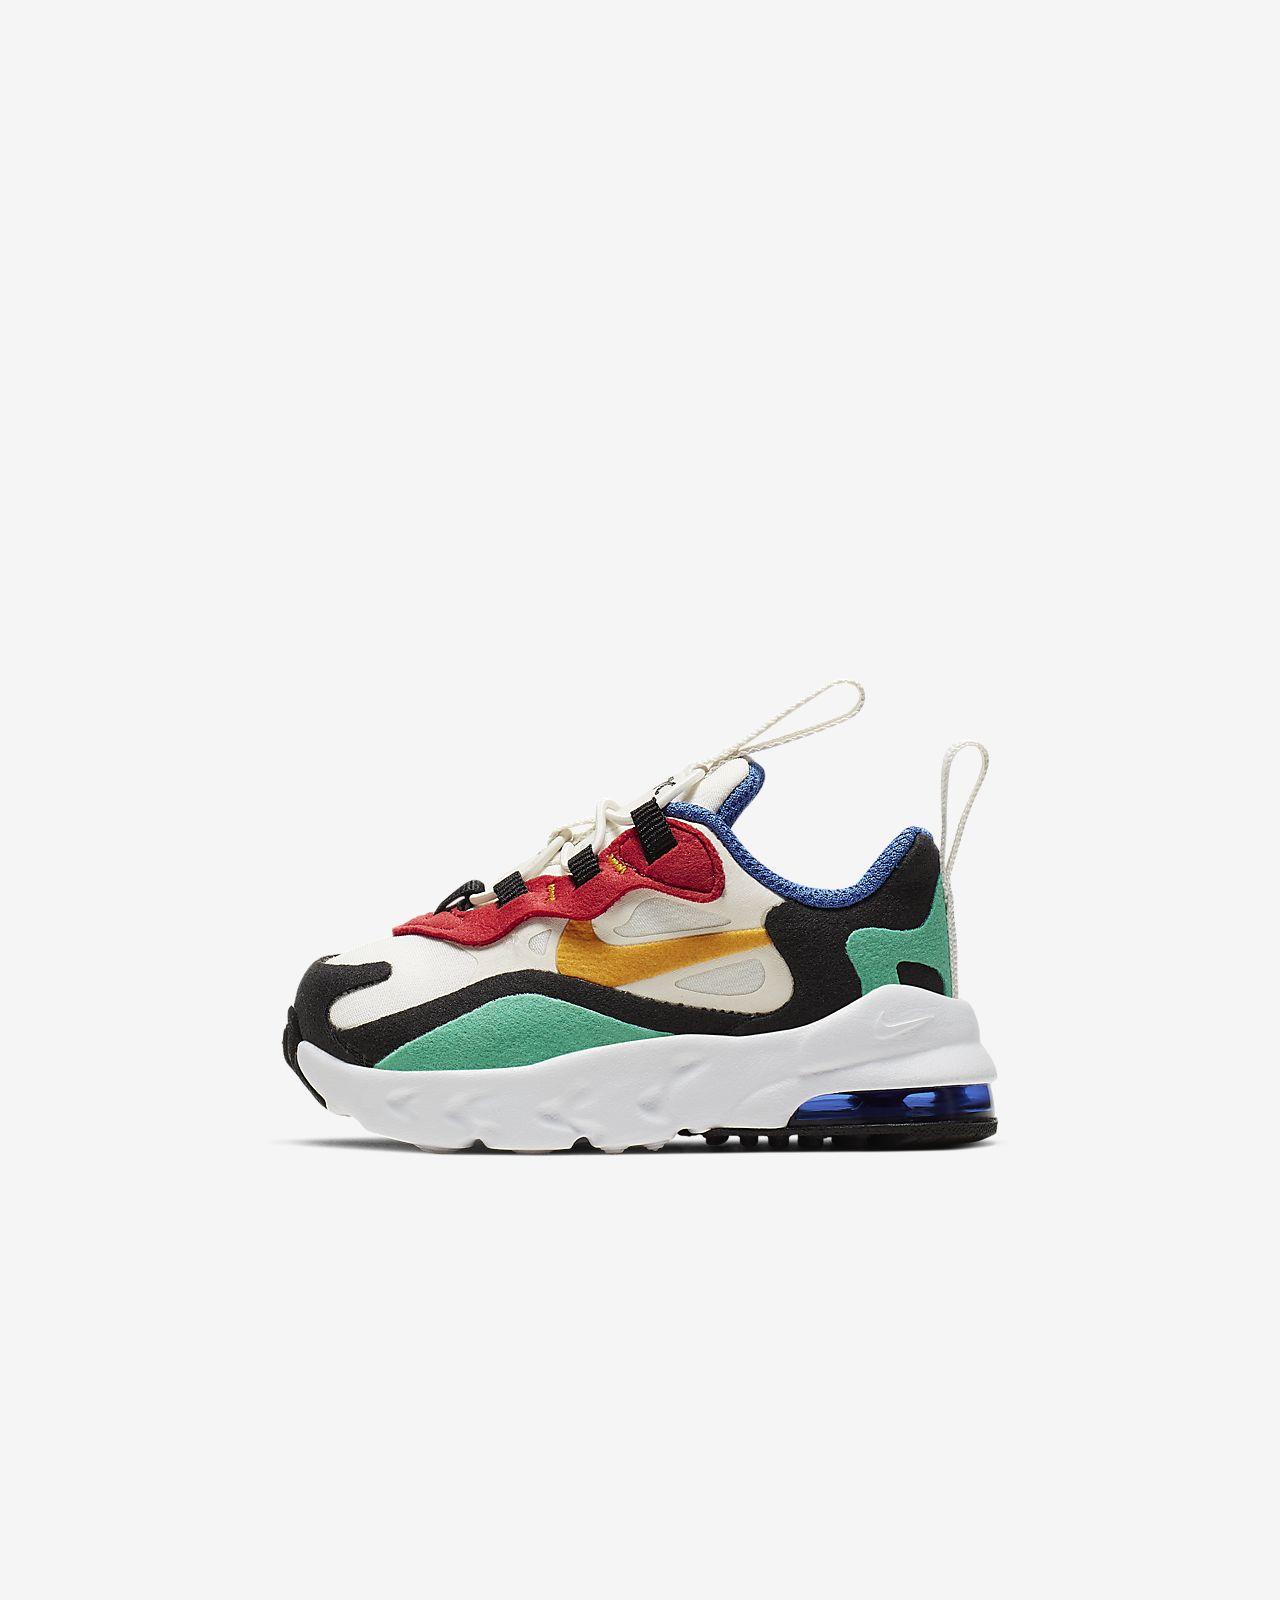 Neuheiten Herren Sneaker Low Nike AIR MAX 93 Schwarz